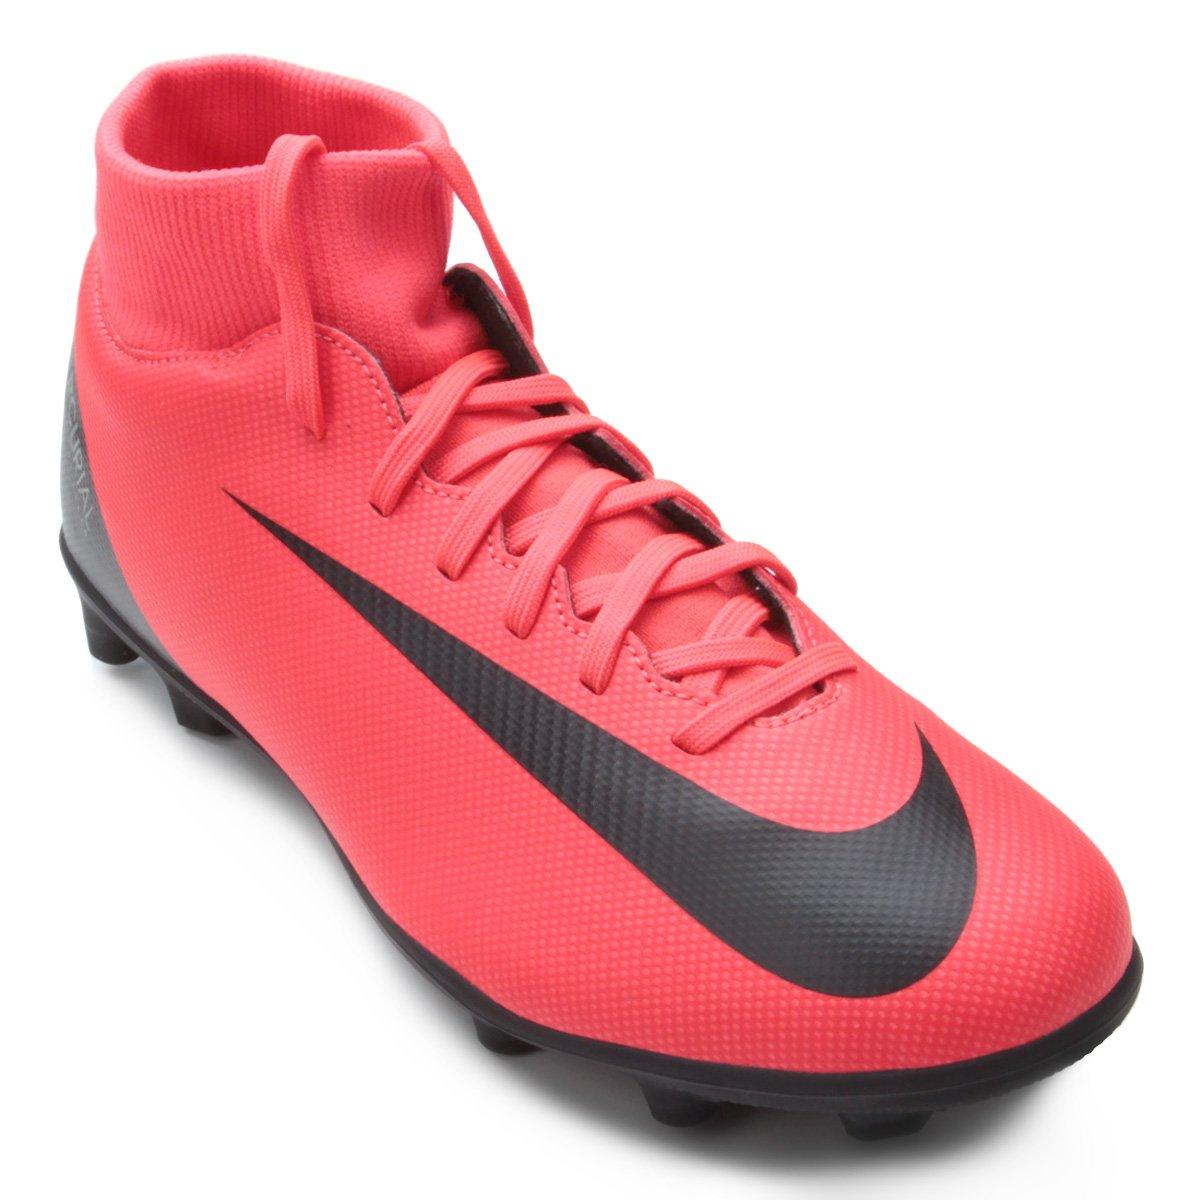 7acfde8811 Chuteira Campo Nike Mercurial Superfly 6 Club CR7 MG - Vermelho e ...